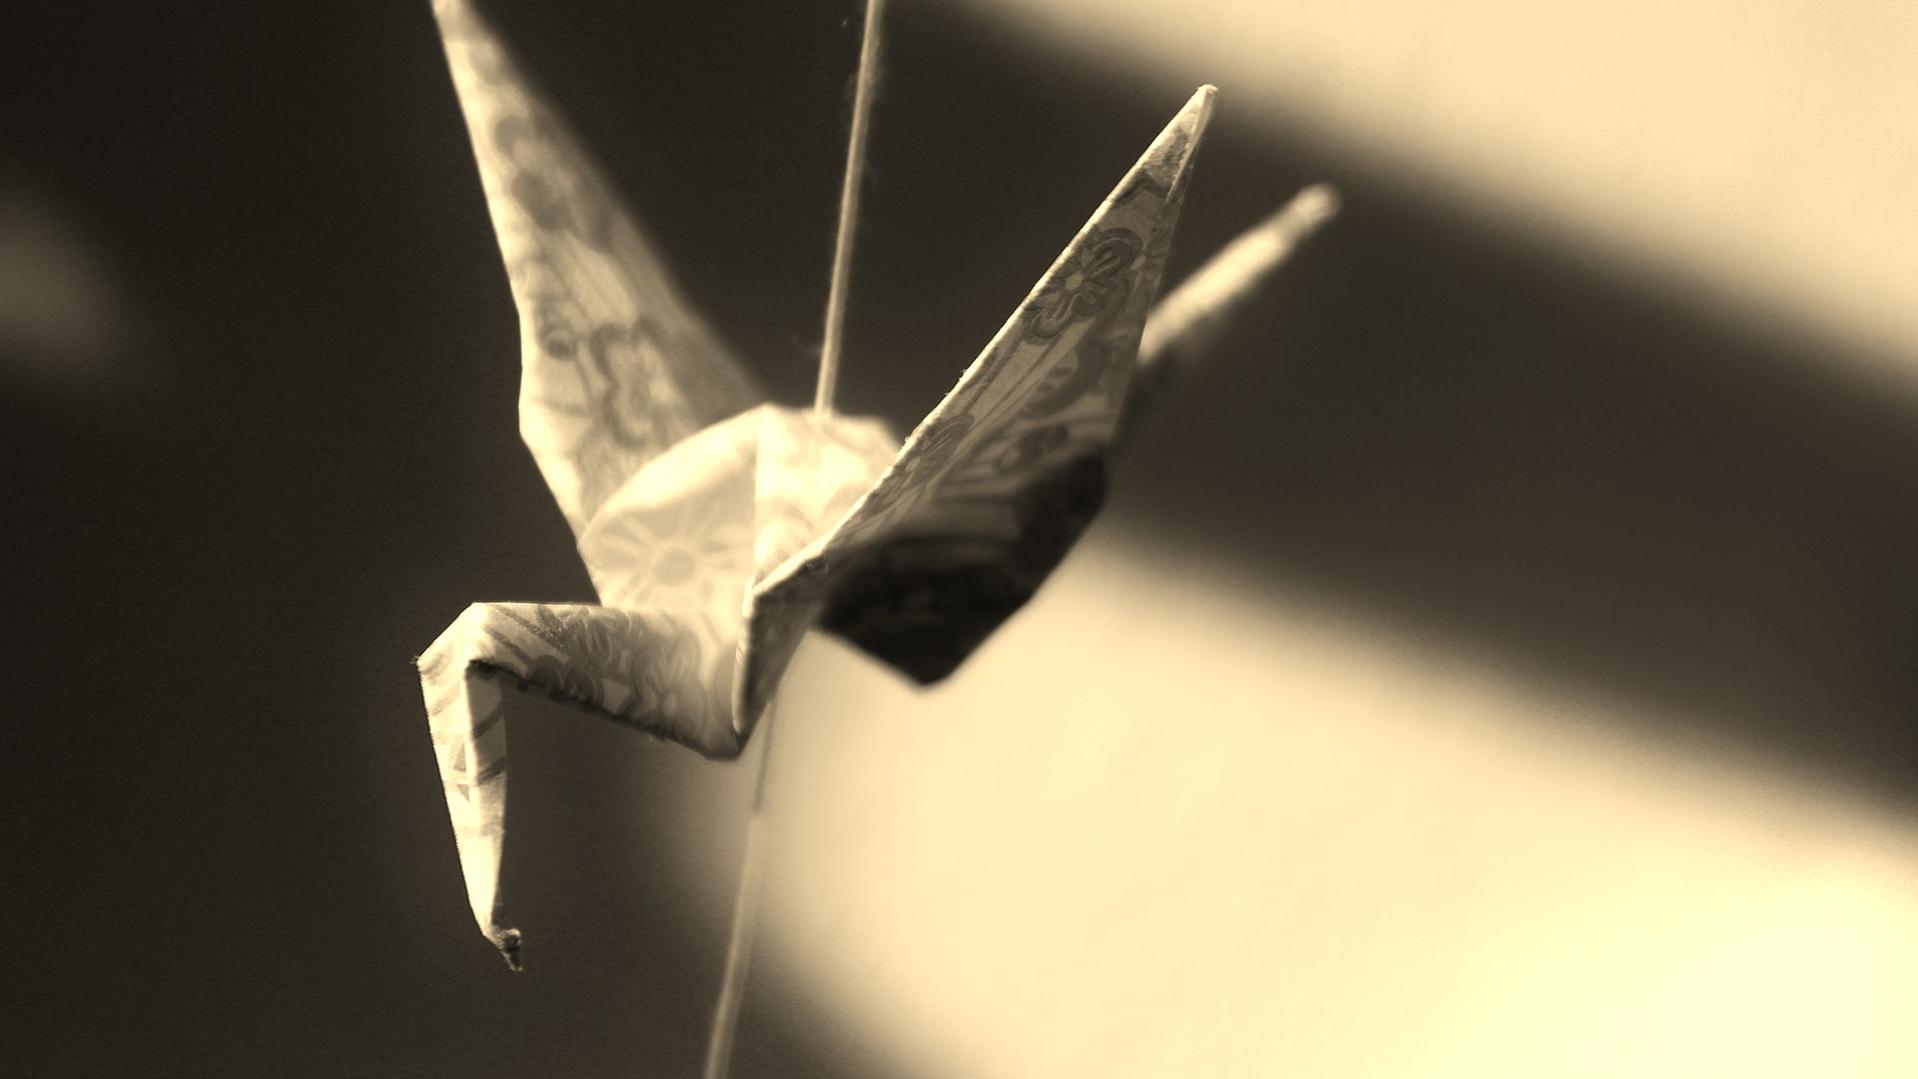 origami-827901_1920-1519842479.jpg